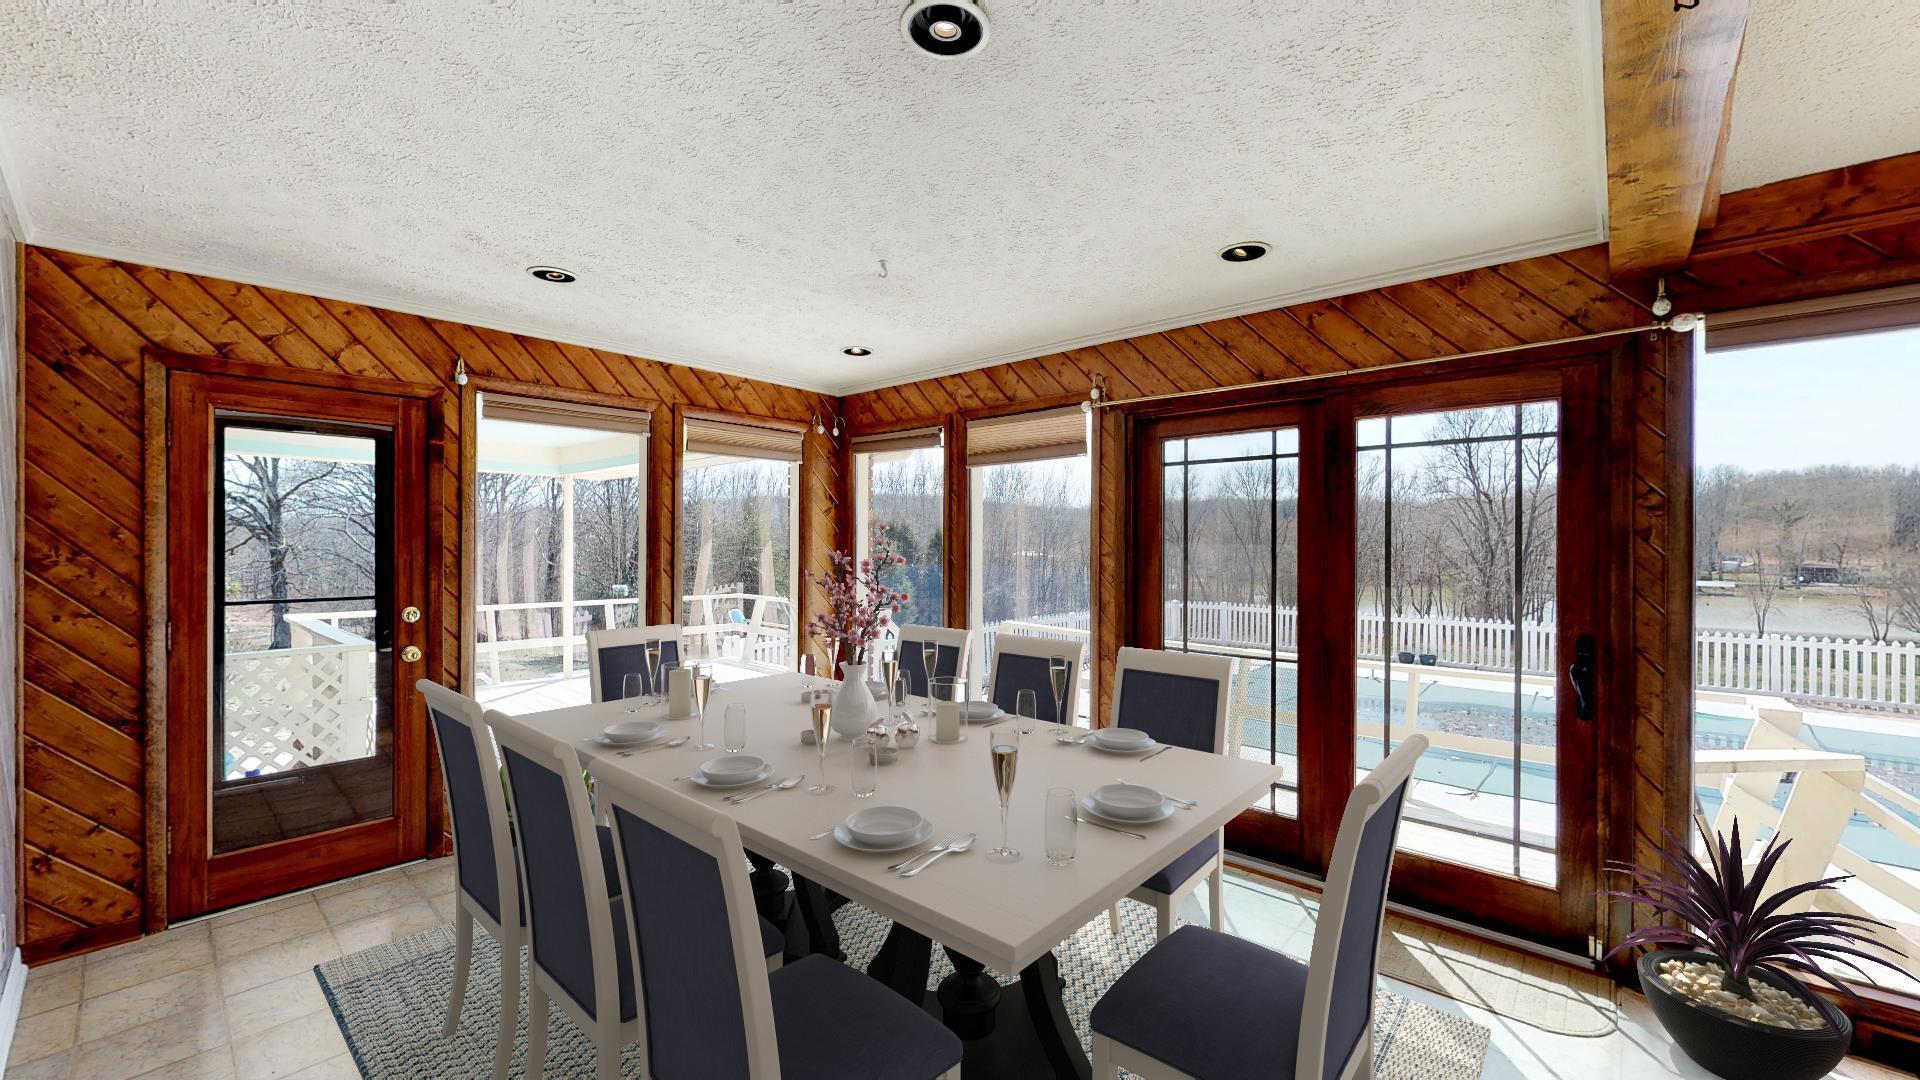 $750,000 - 5Br/4Ba -  for Sale in Benton Harbor 1, Mount Juliet